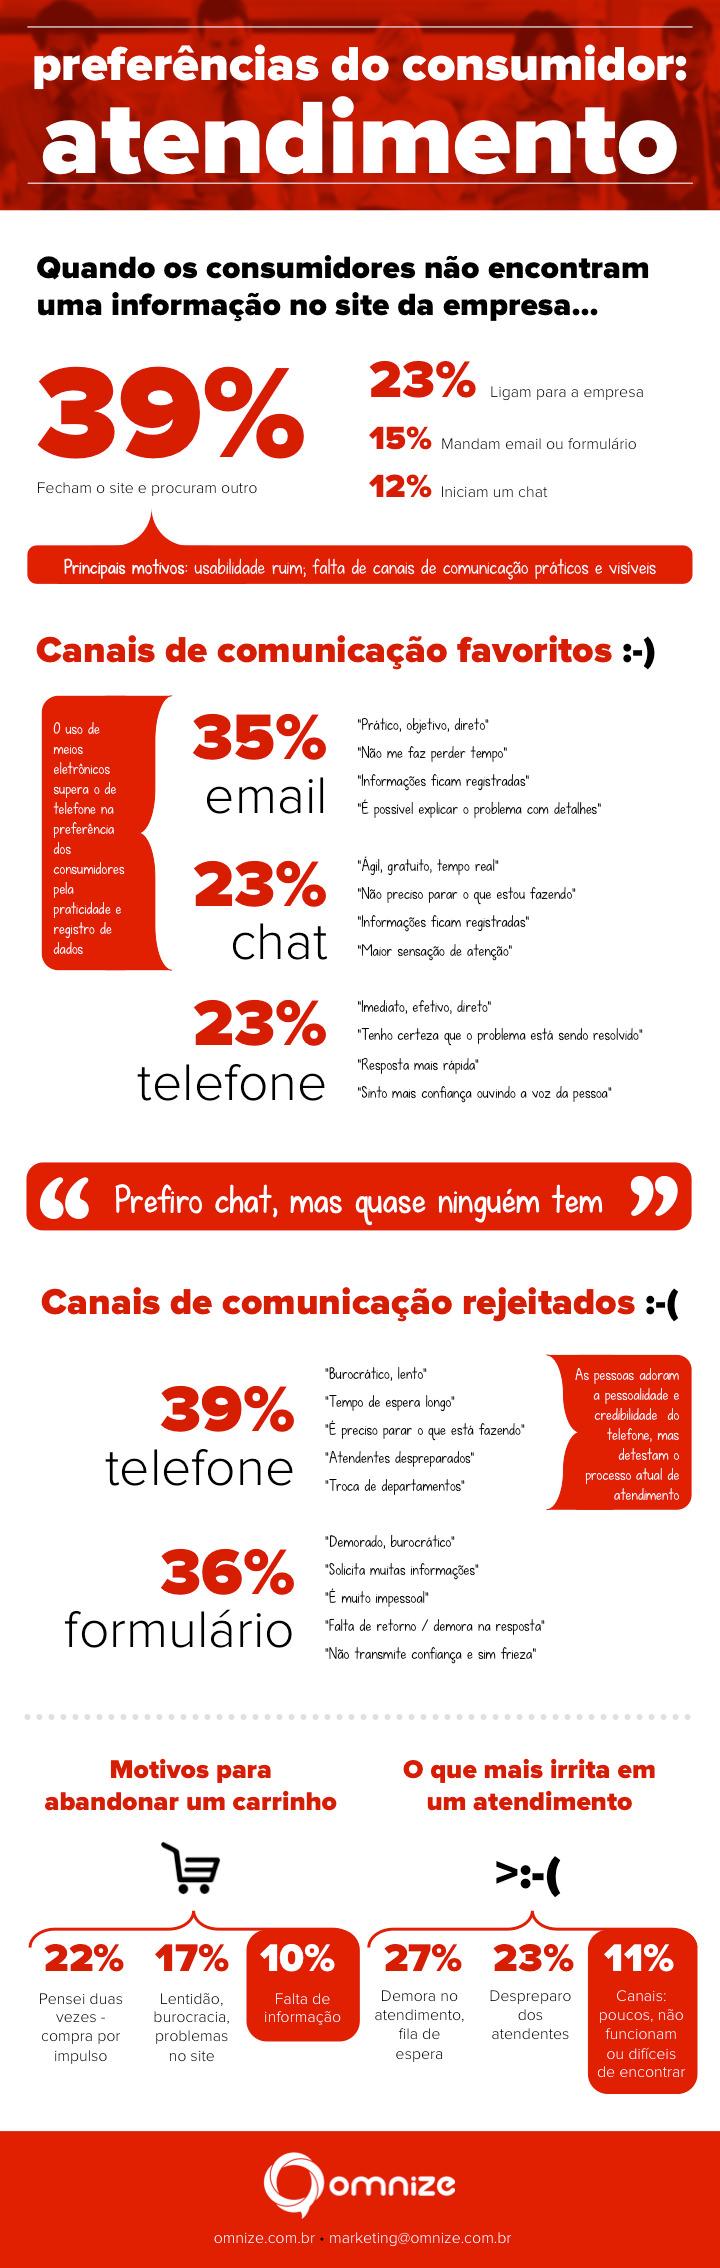 [Infográfico] Preferências do Consumidor: Atendimento